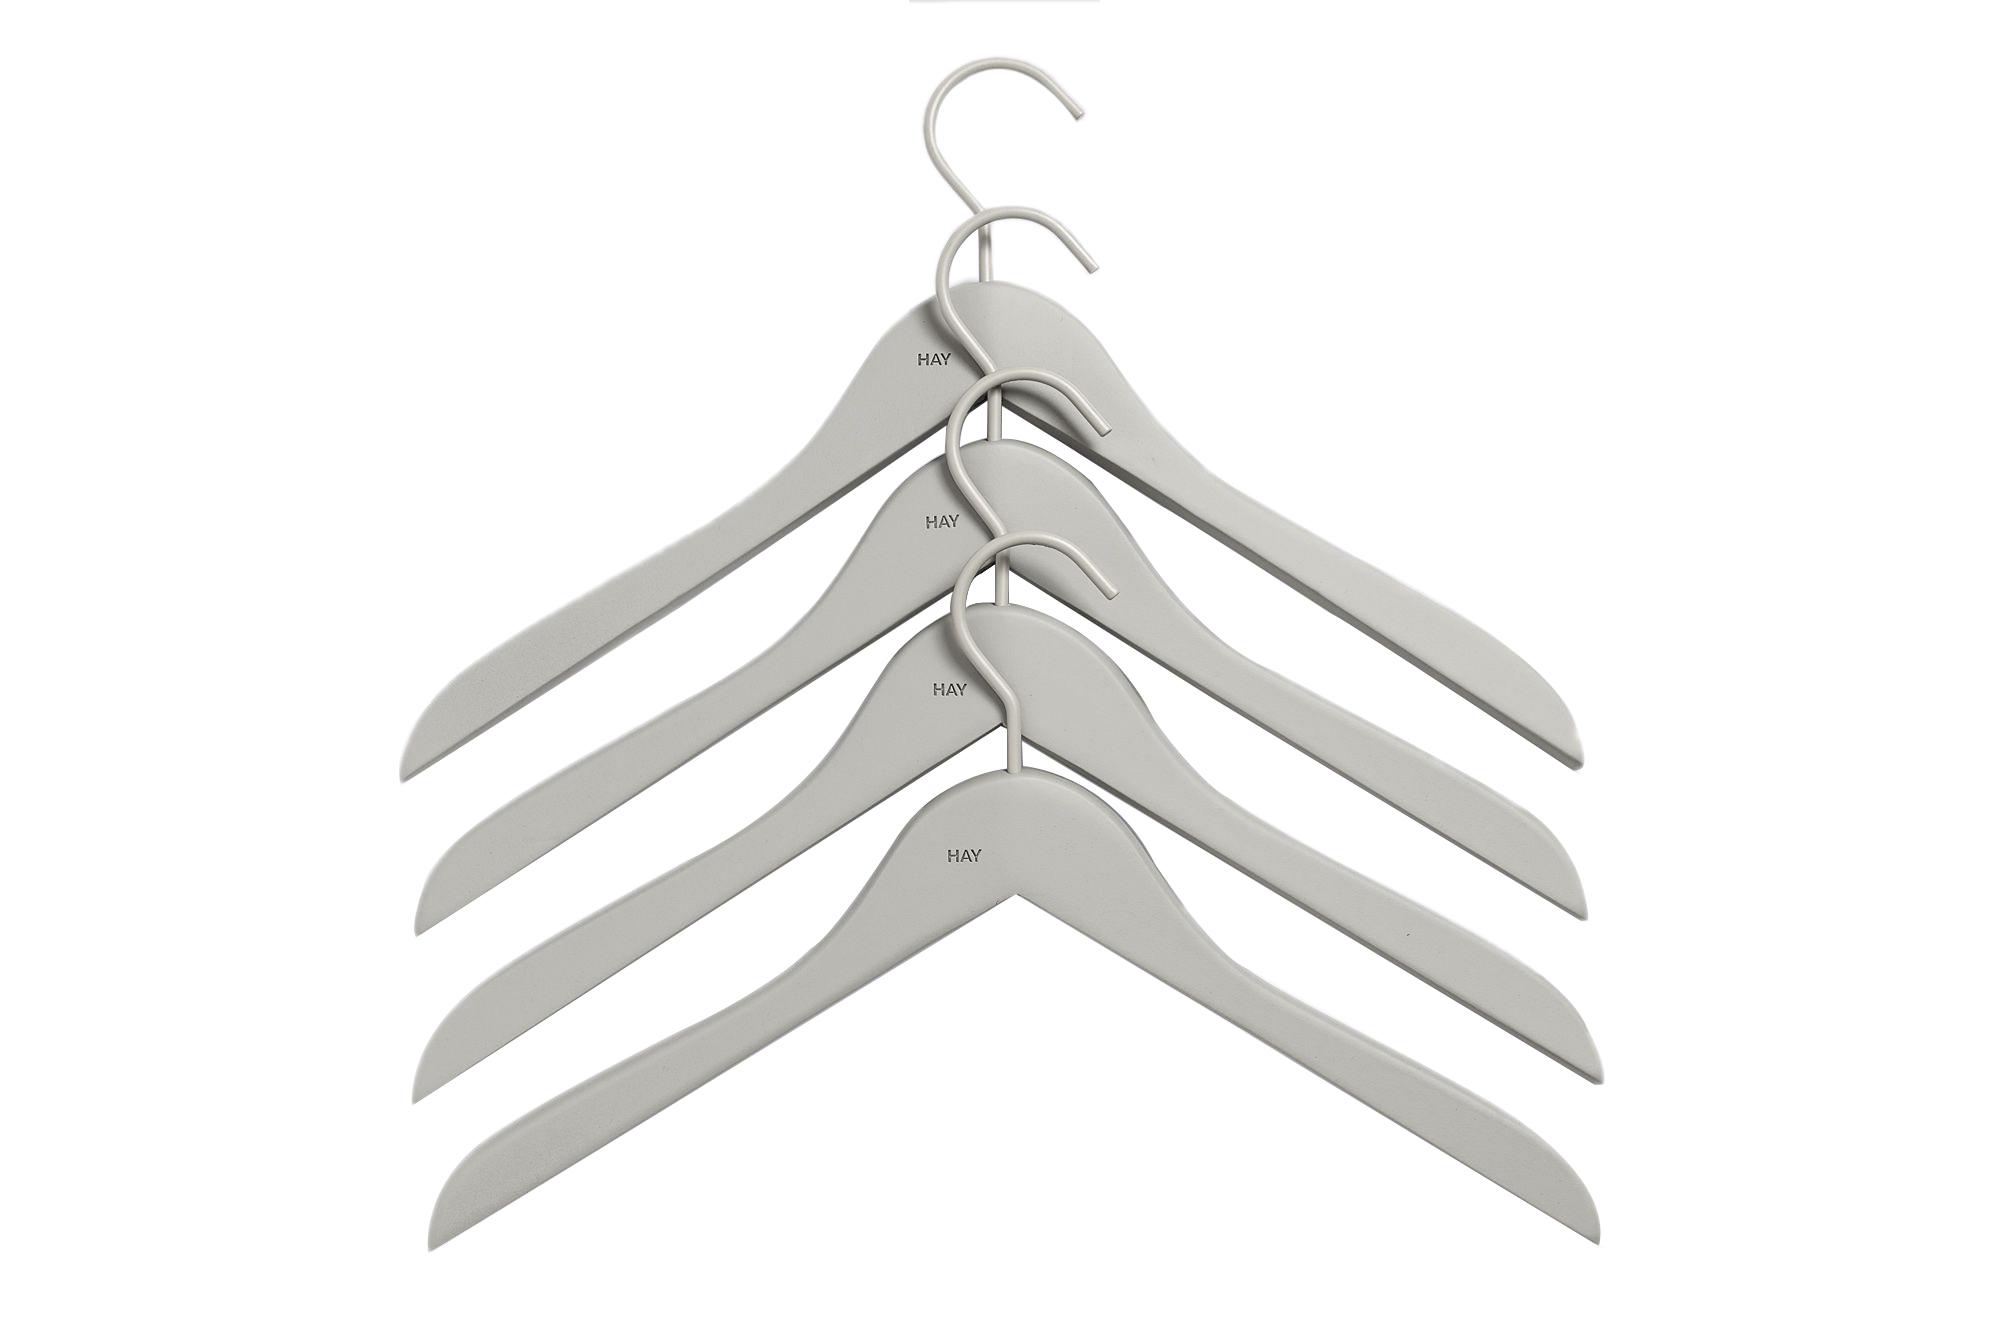 HAY - Soft Coat Hanger Slim Set of 4 - Grey (500079)